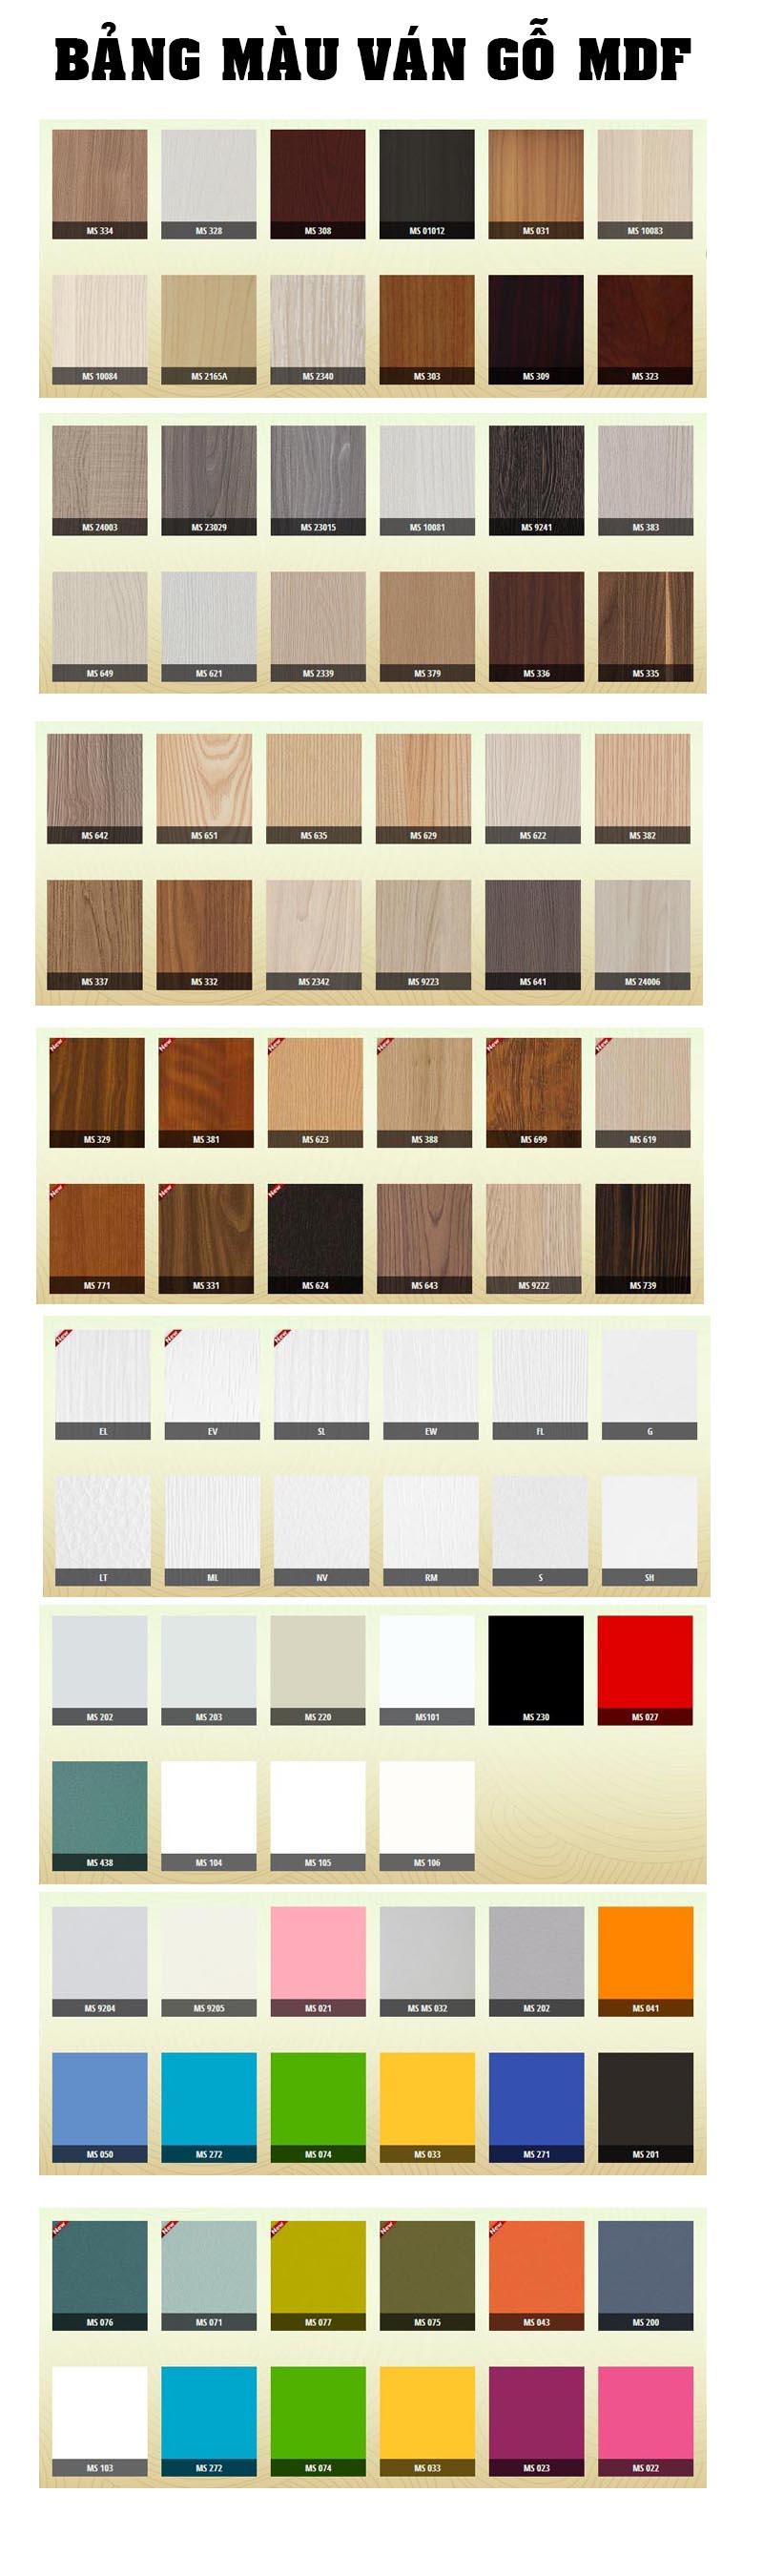 Tất cả bảng màu về gỗ MDF Công Nghiệp bạn cần quan tâm